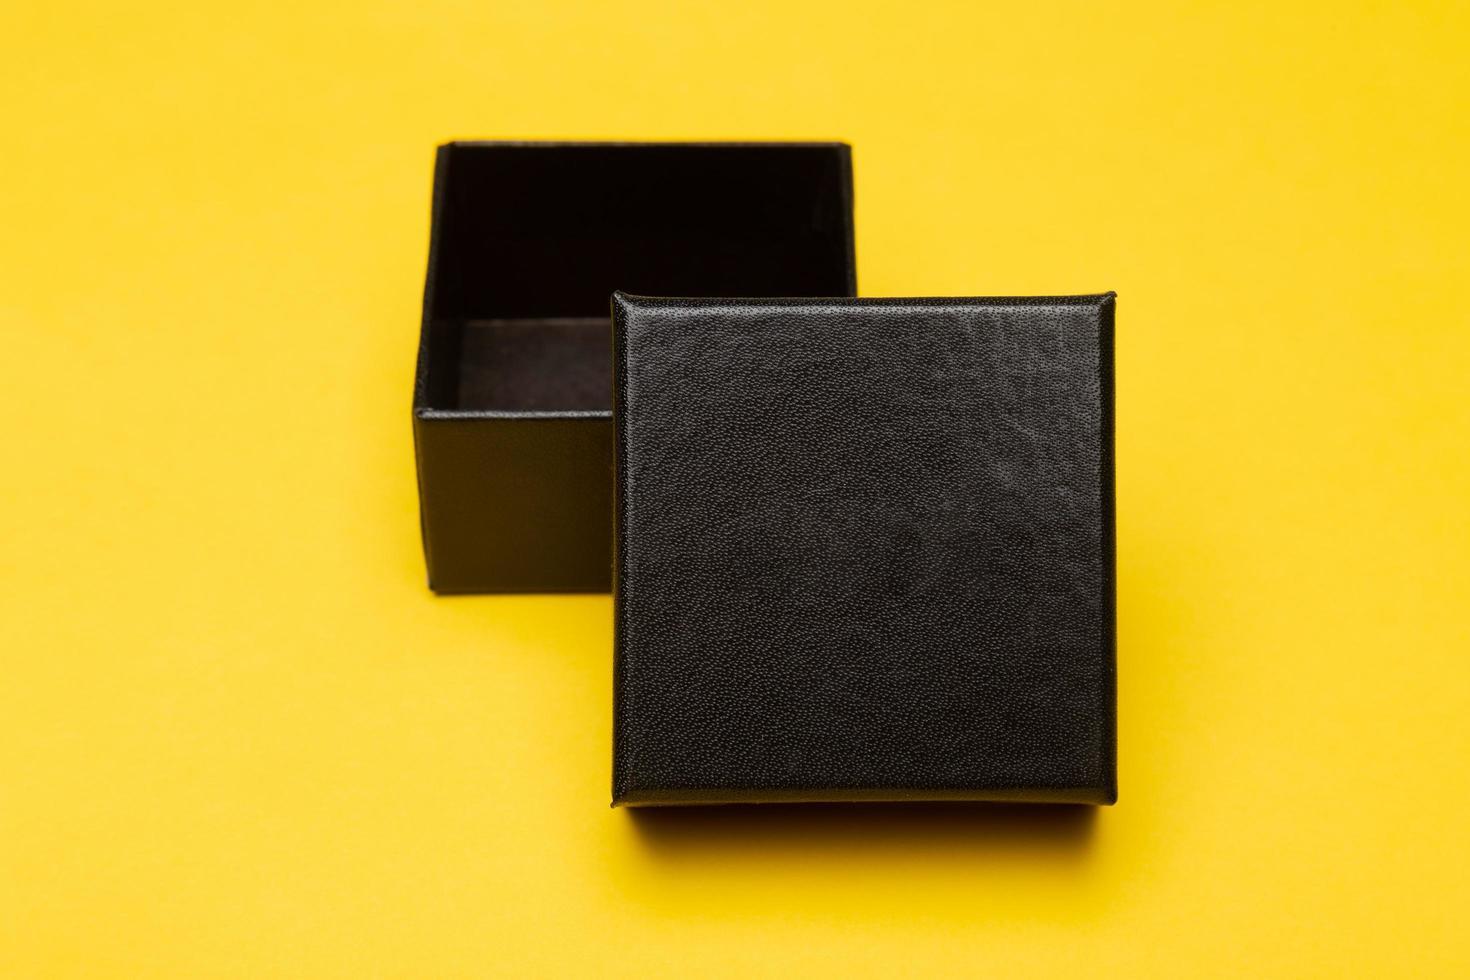 Mini-Blackbox isoliert auf gelbem Hintergrund foto